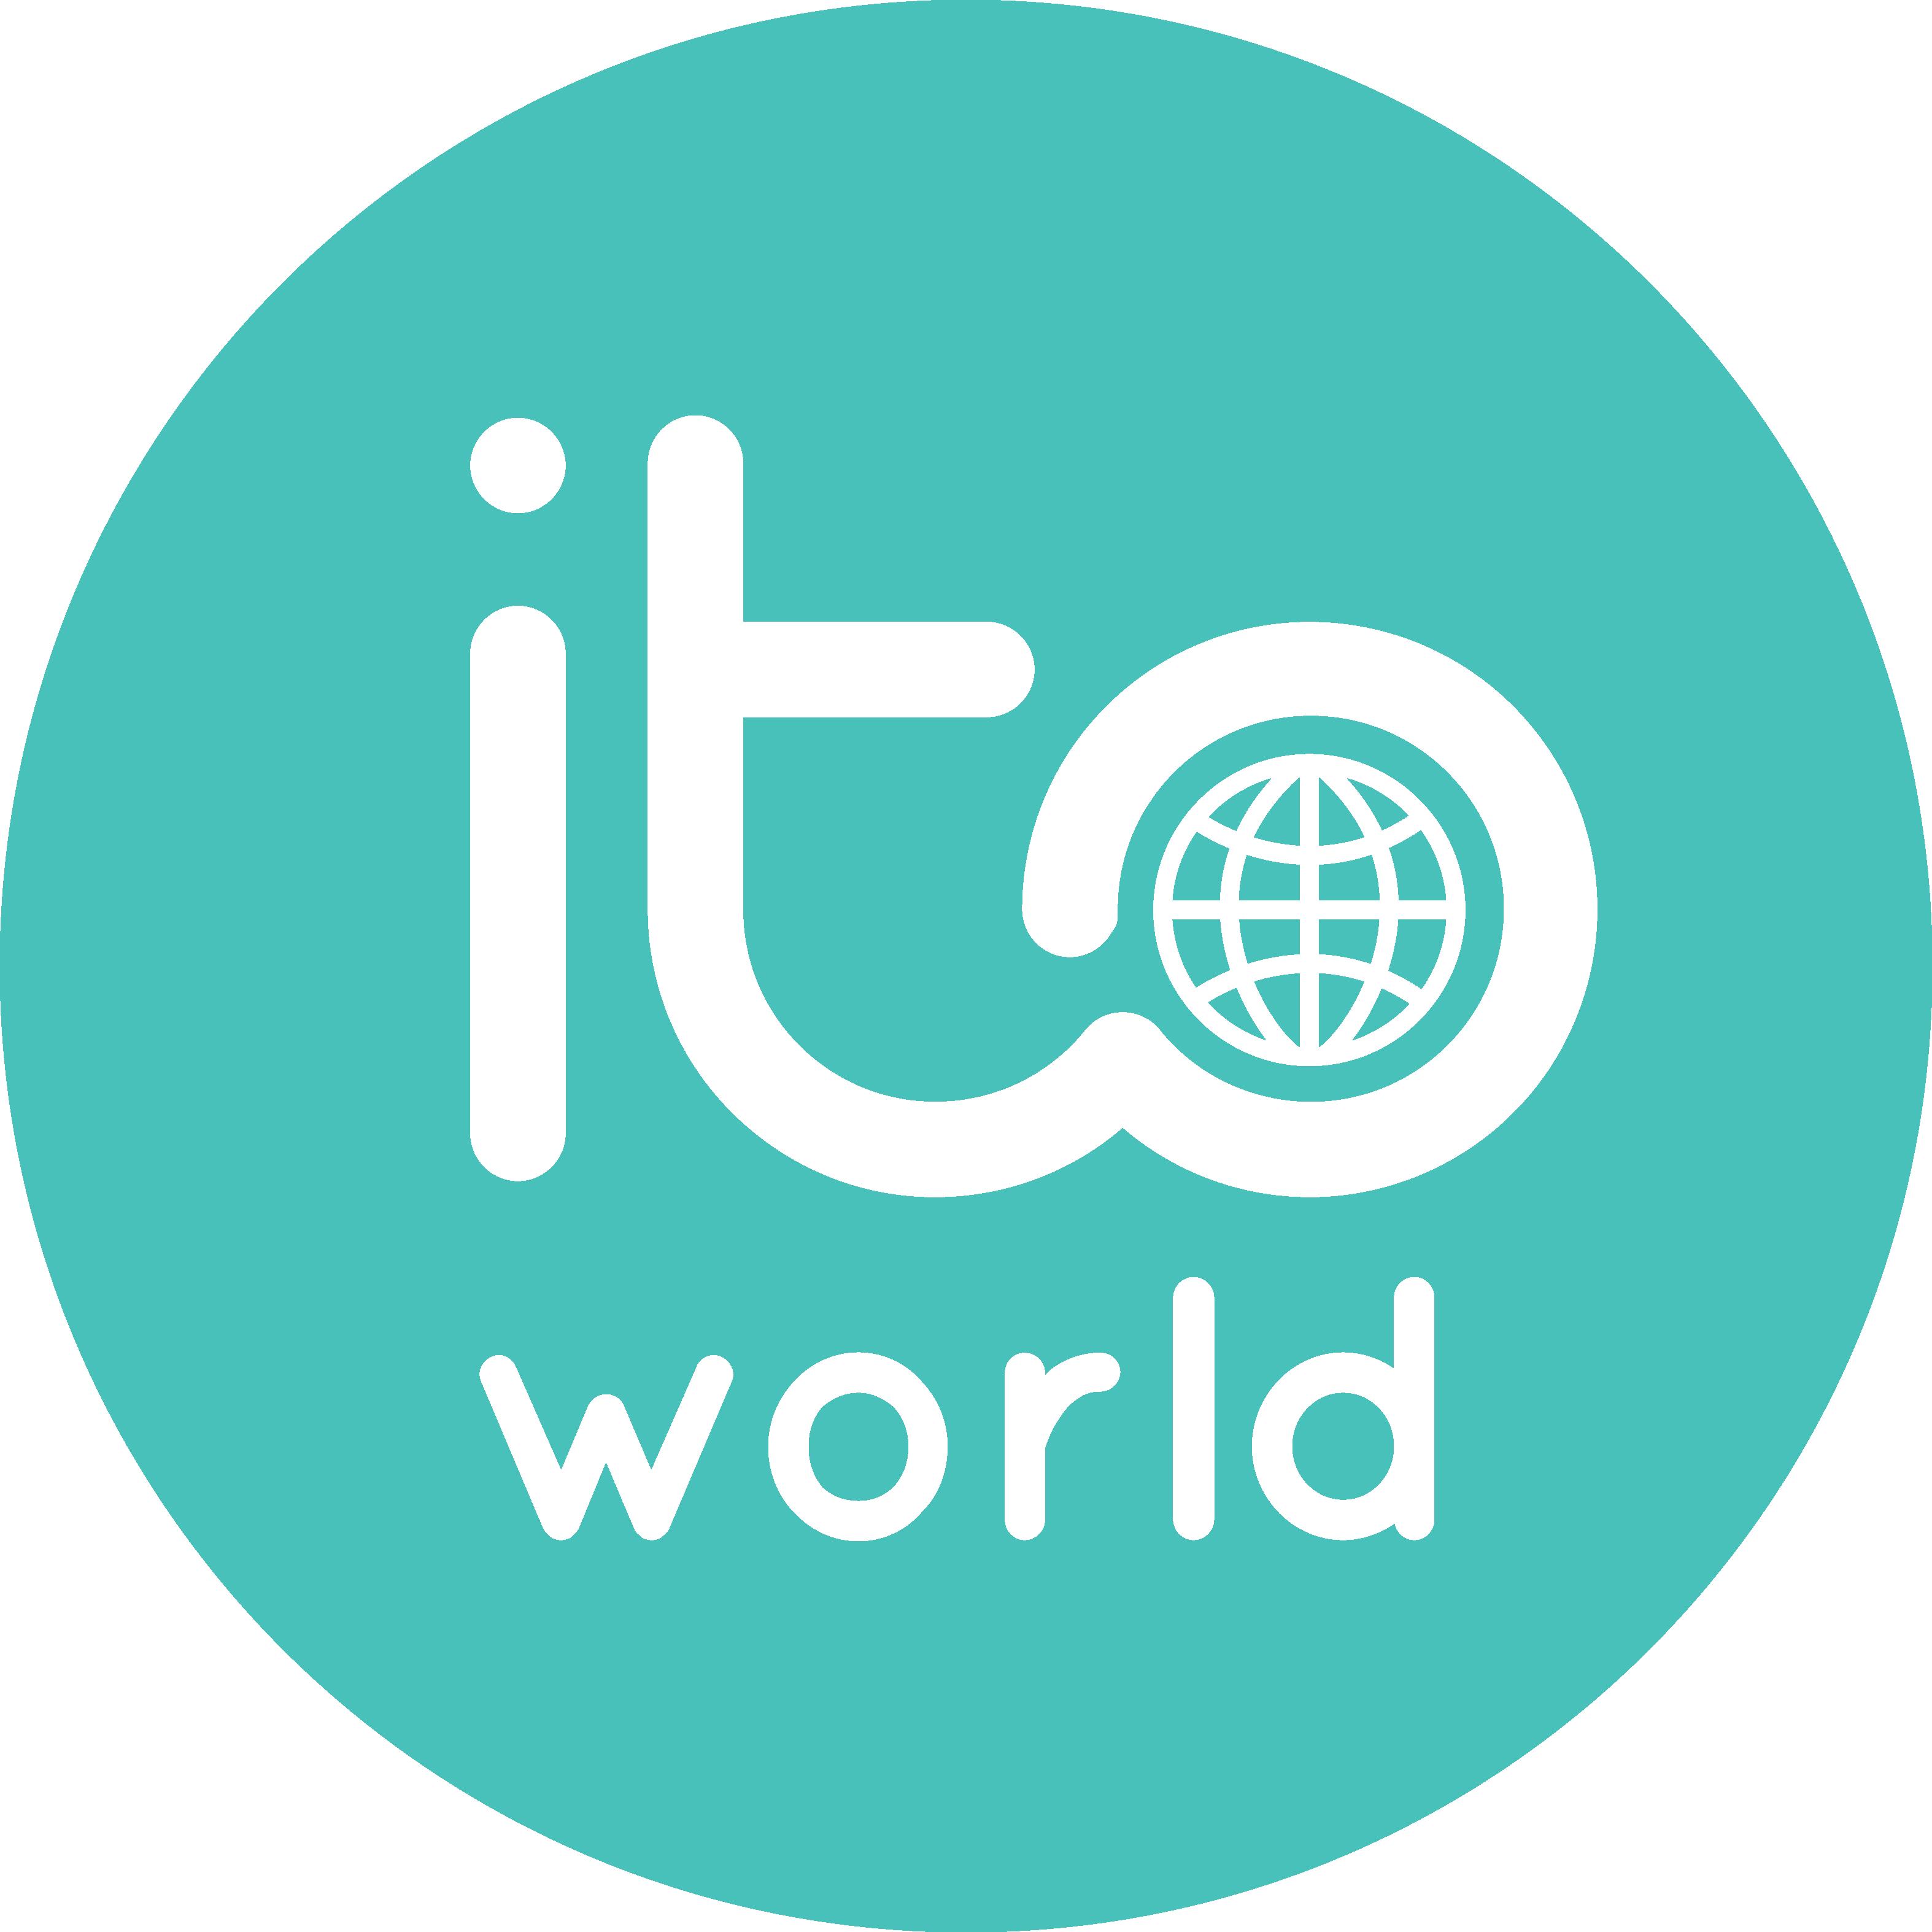 Ito World Ltd